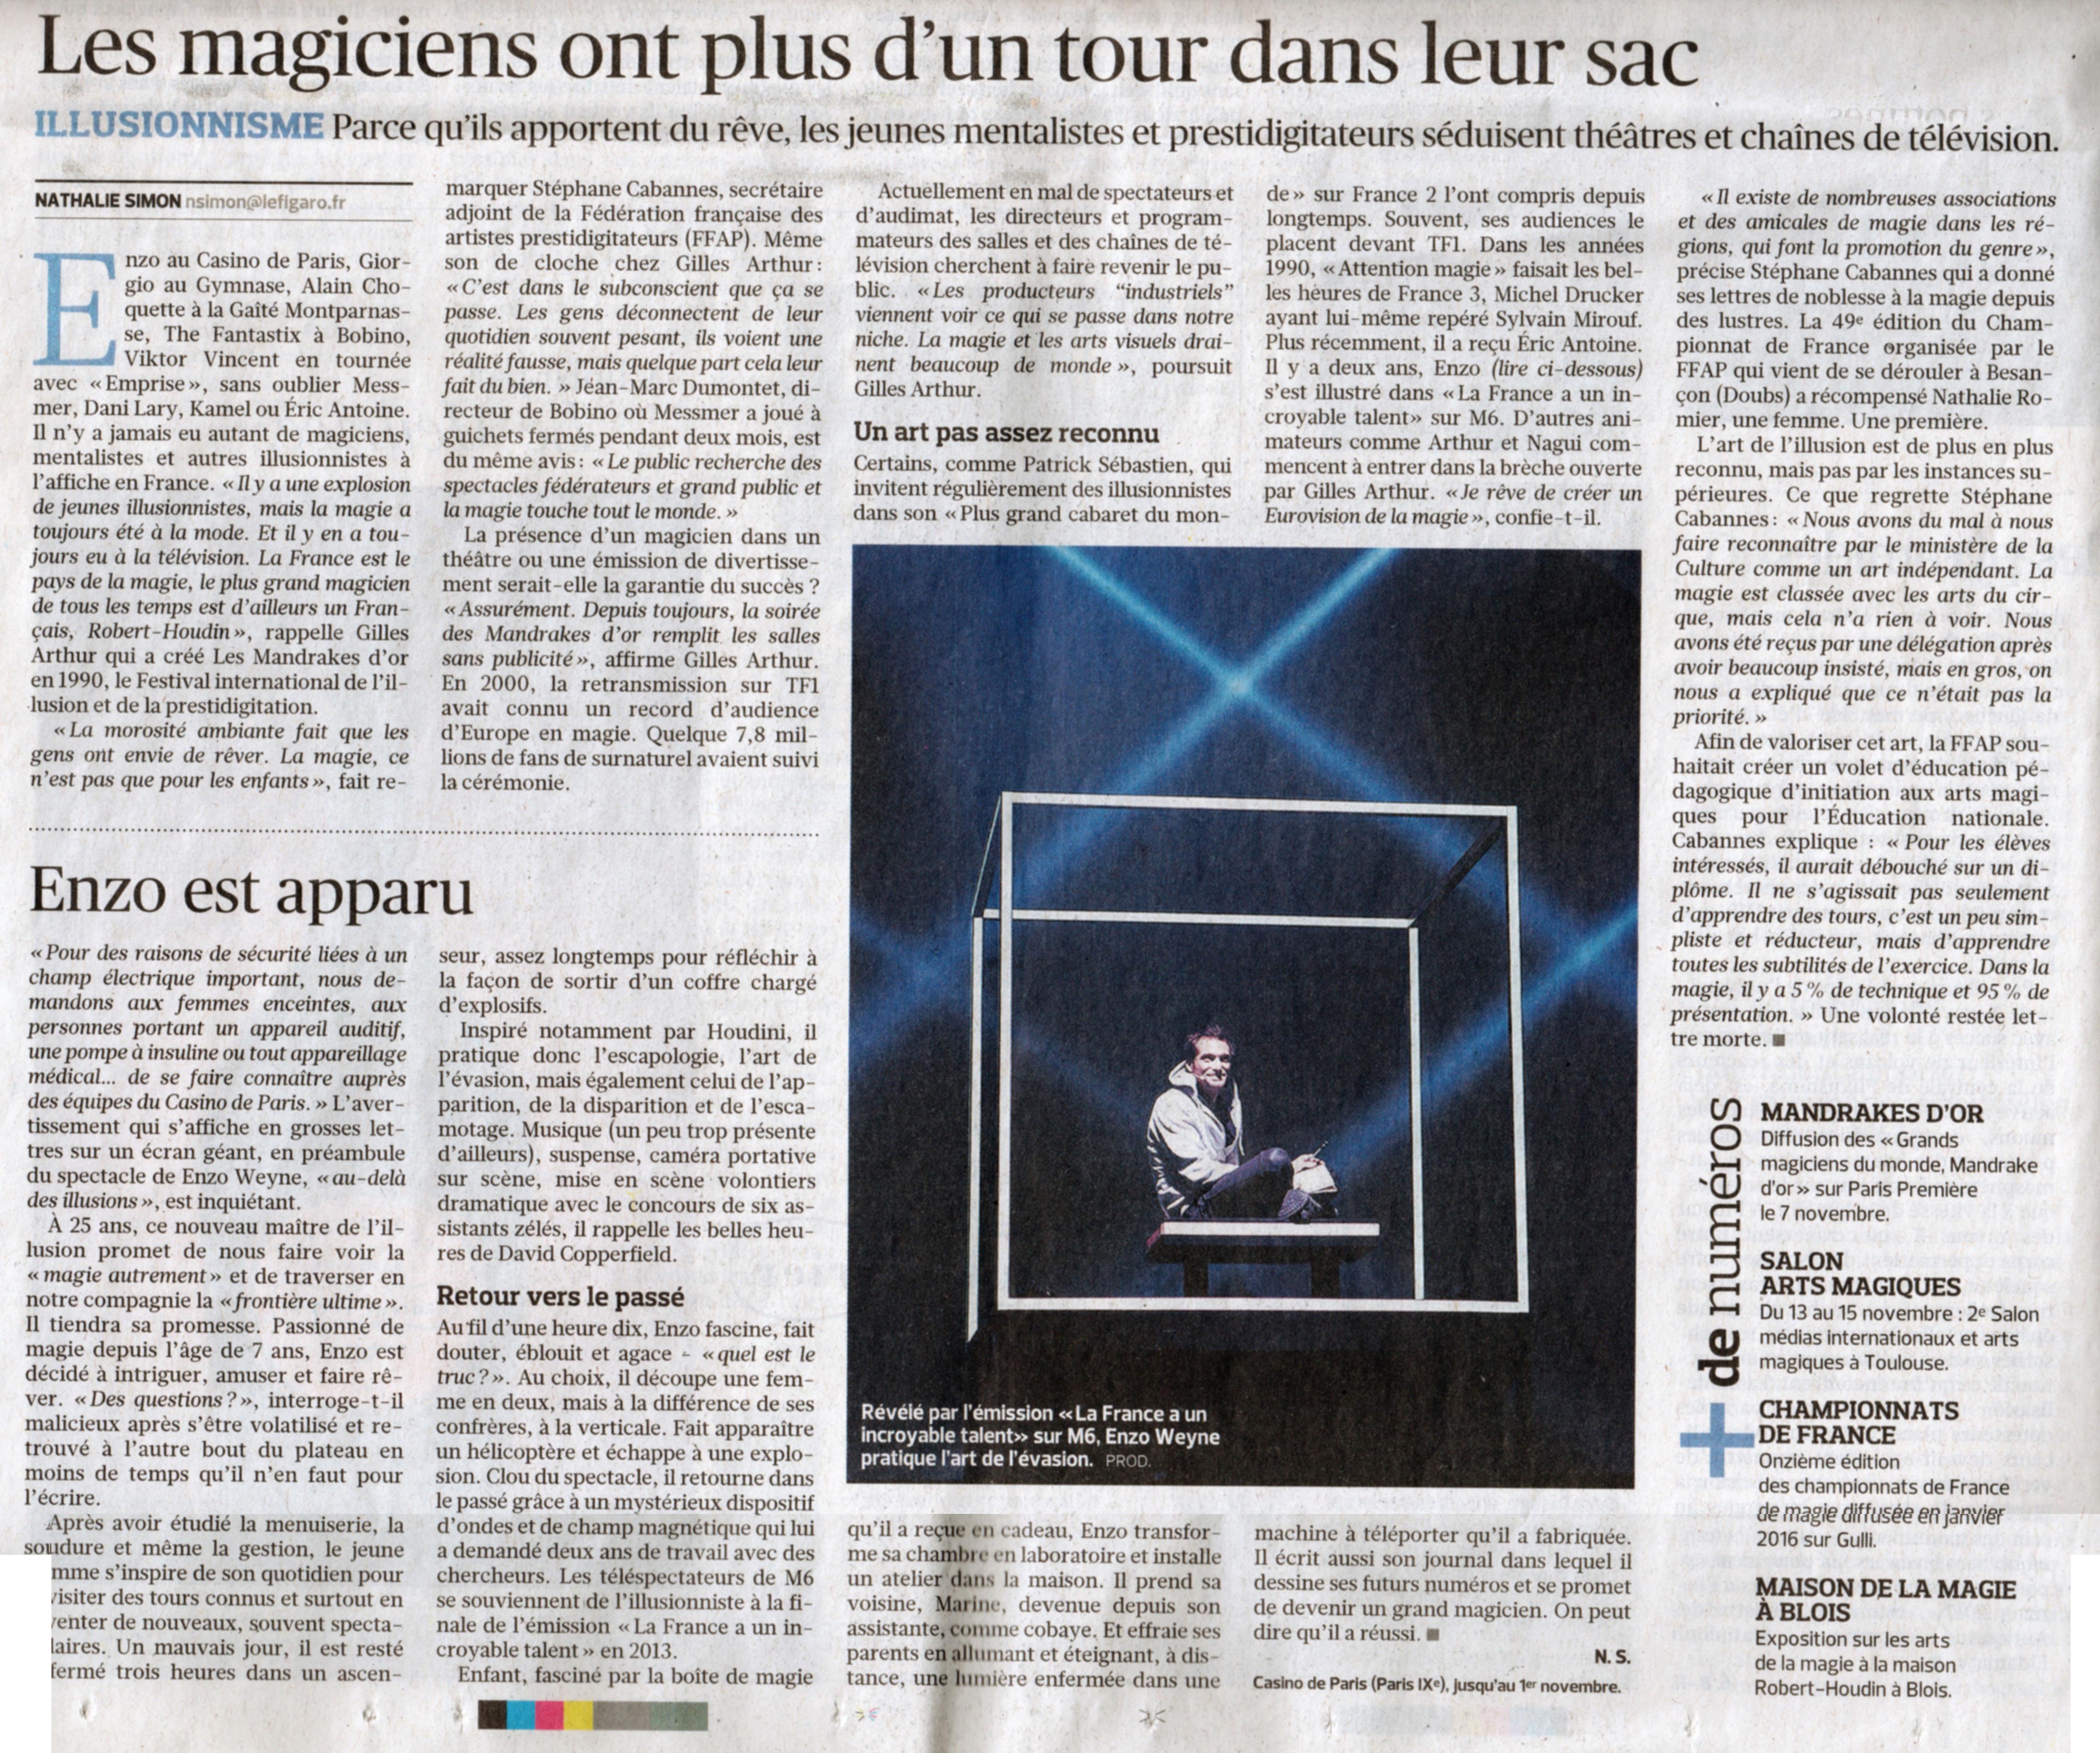 Le Parisien Novembre 2015